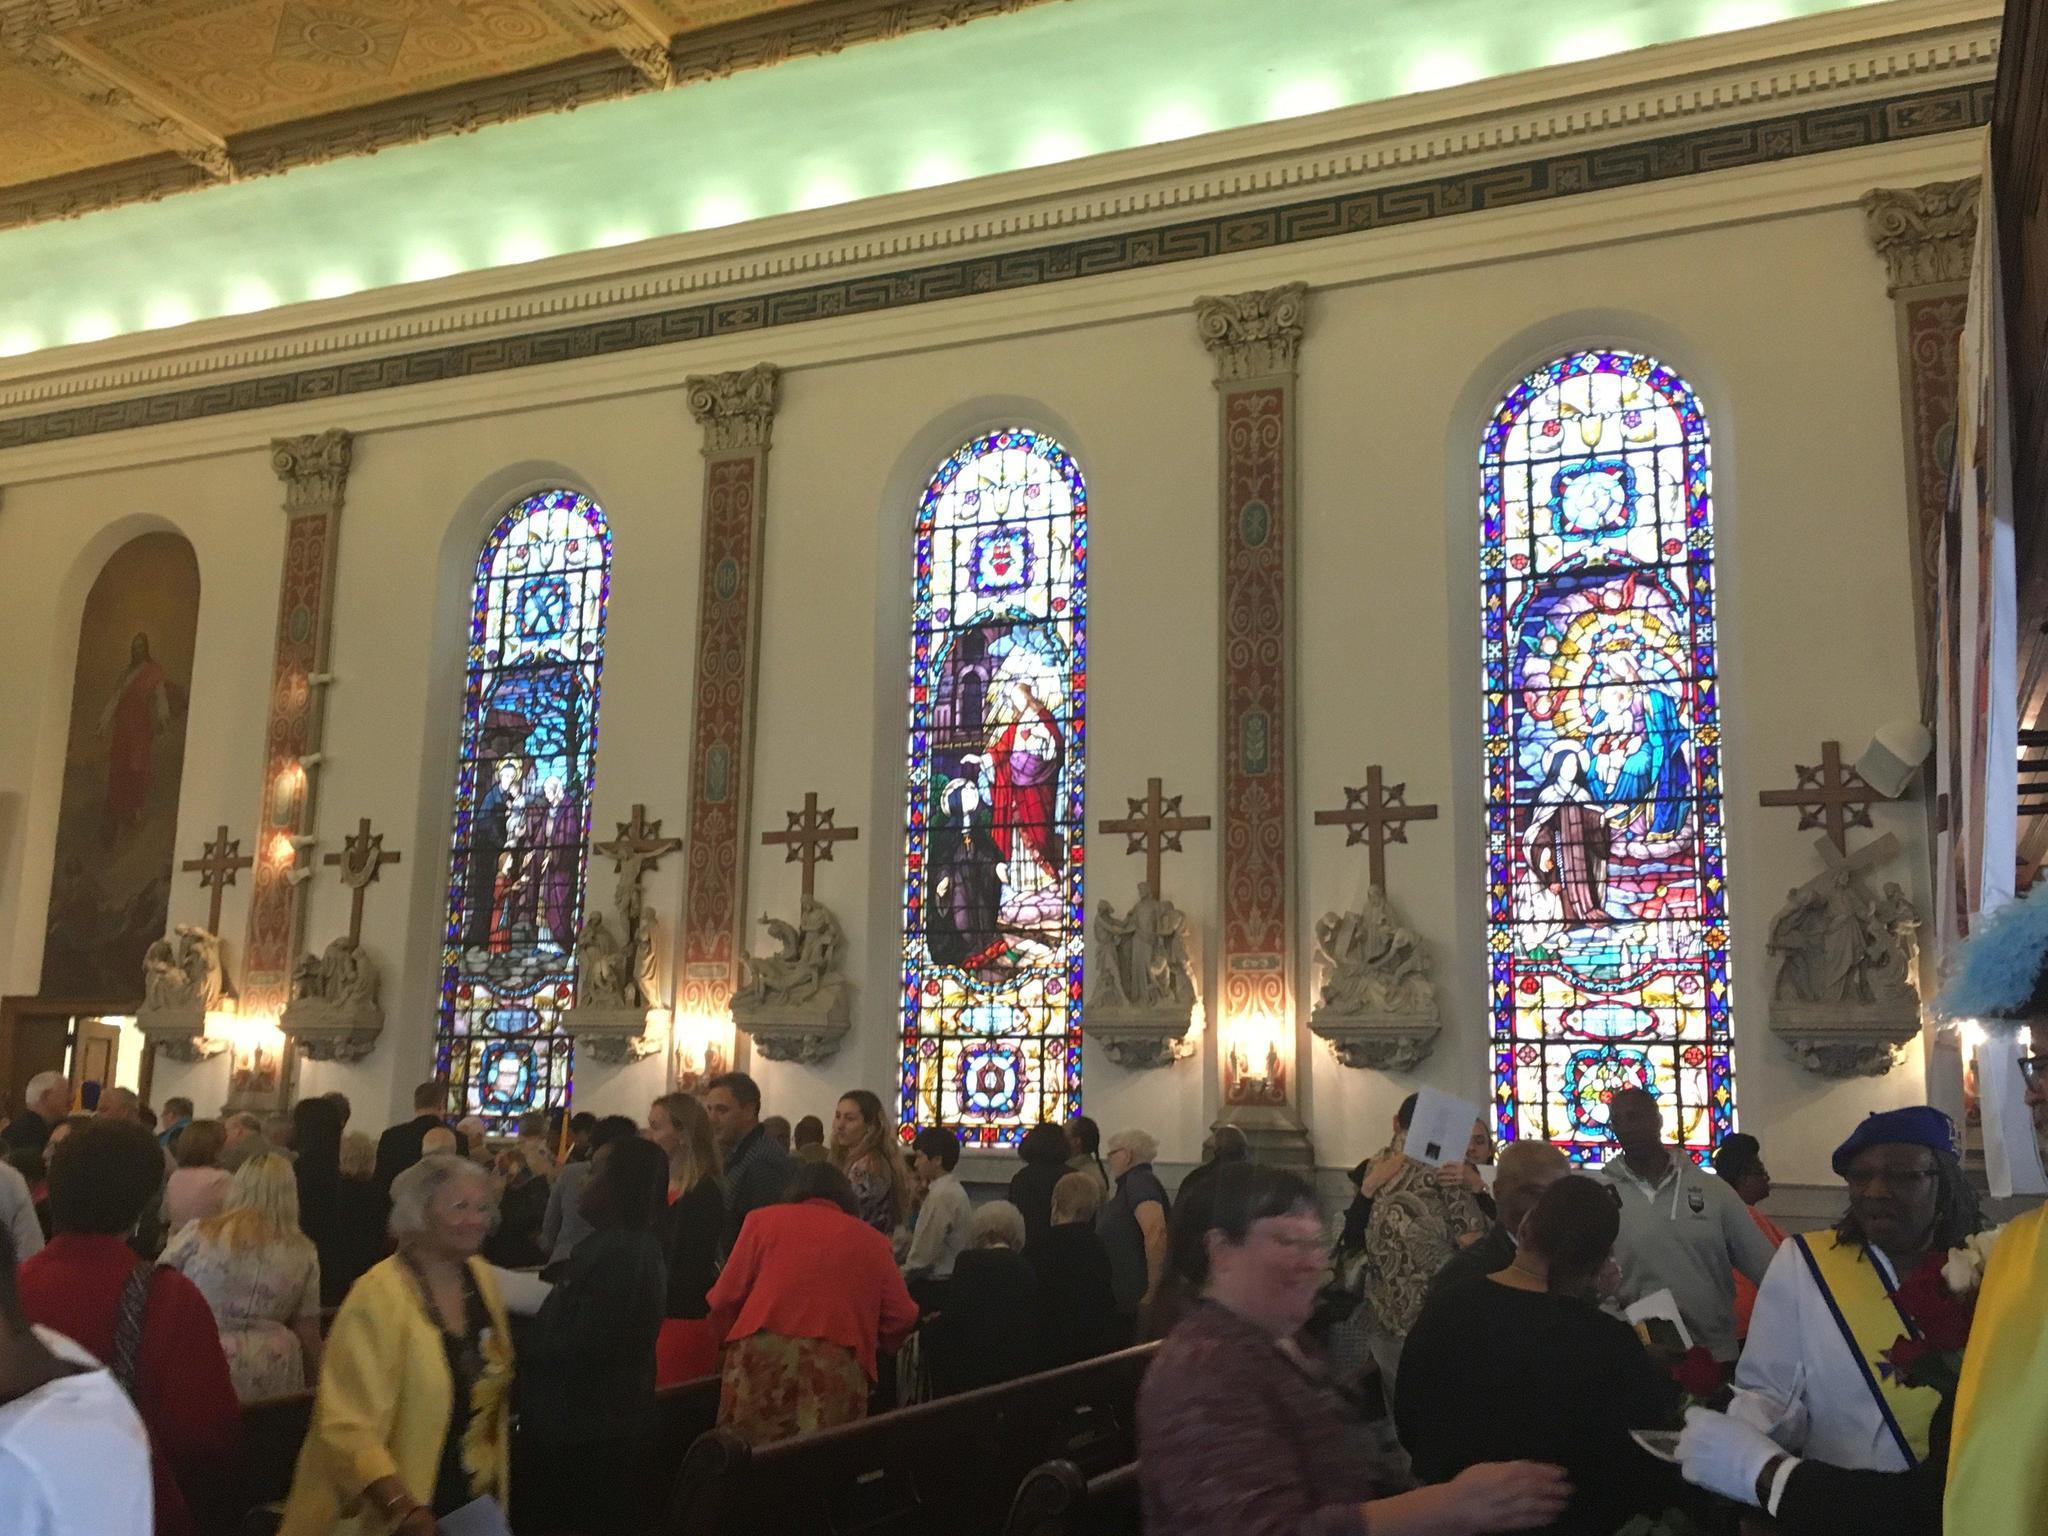 st vincent de paul catholic church encouraged to continue service